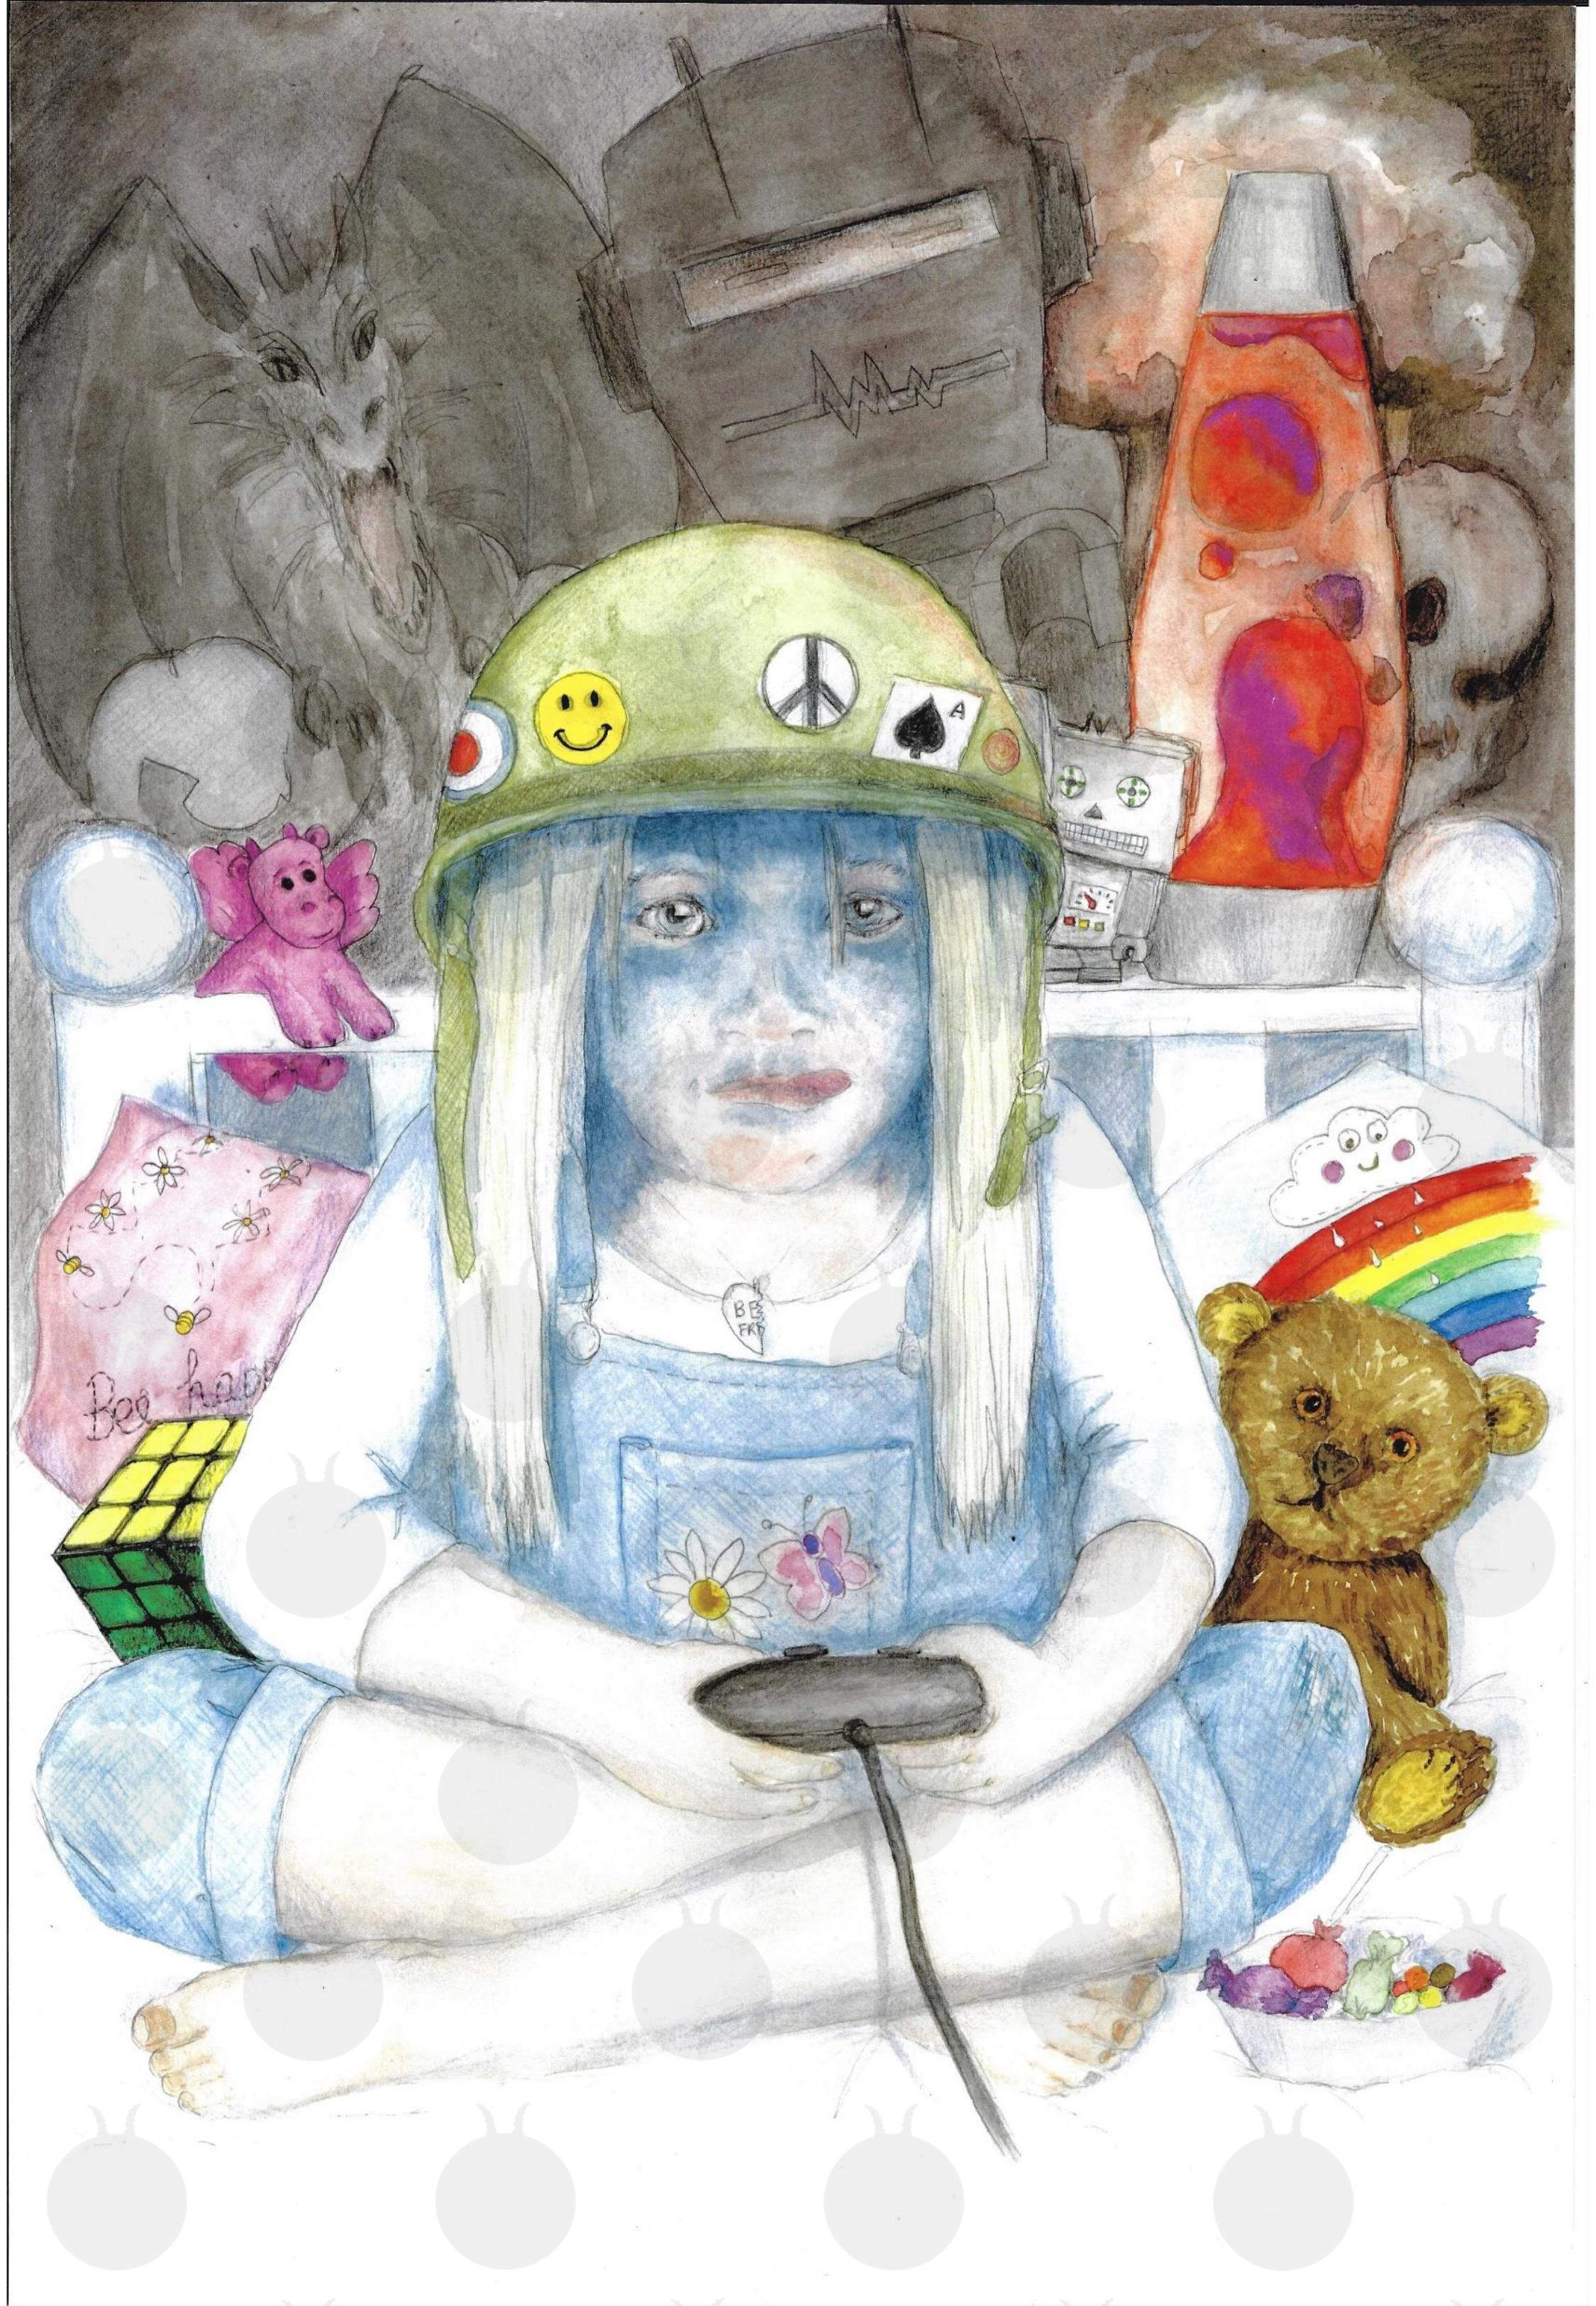 Rachel Parham Original Artwork: Bubblegum Soldier